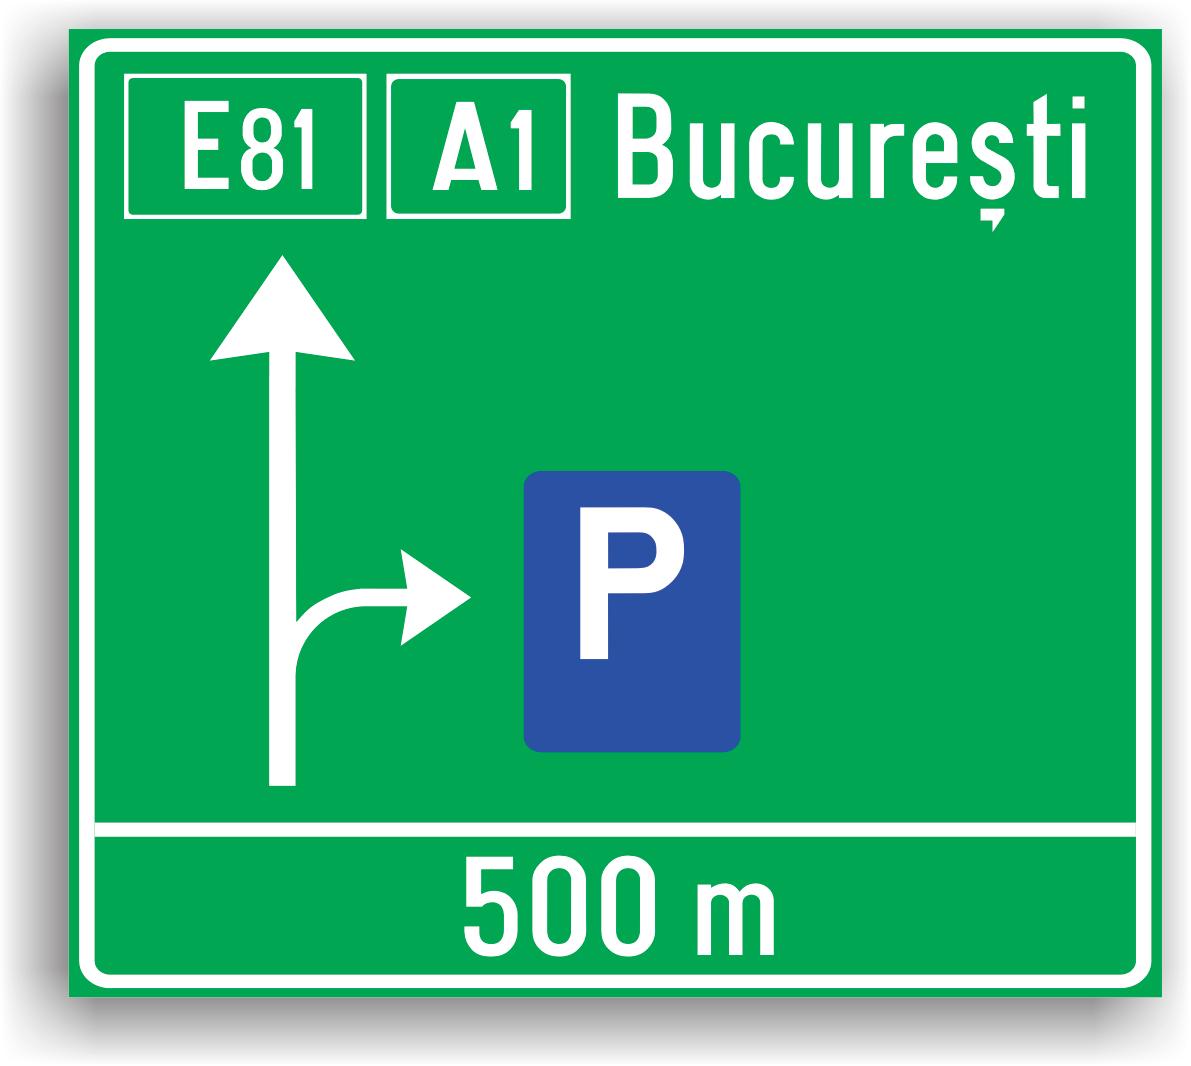 Presemnalizarea pe autostrada pentru parcare